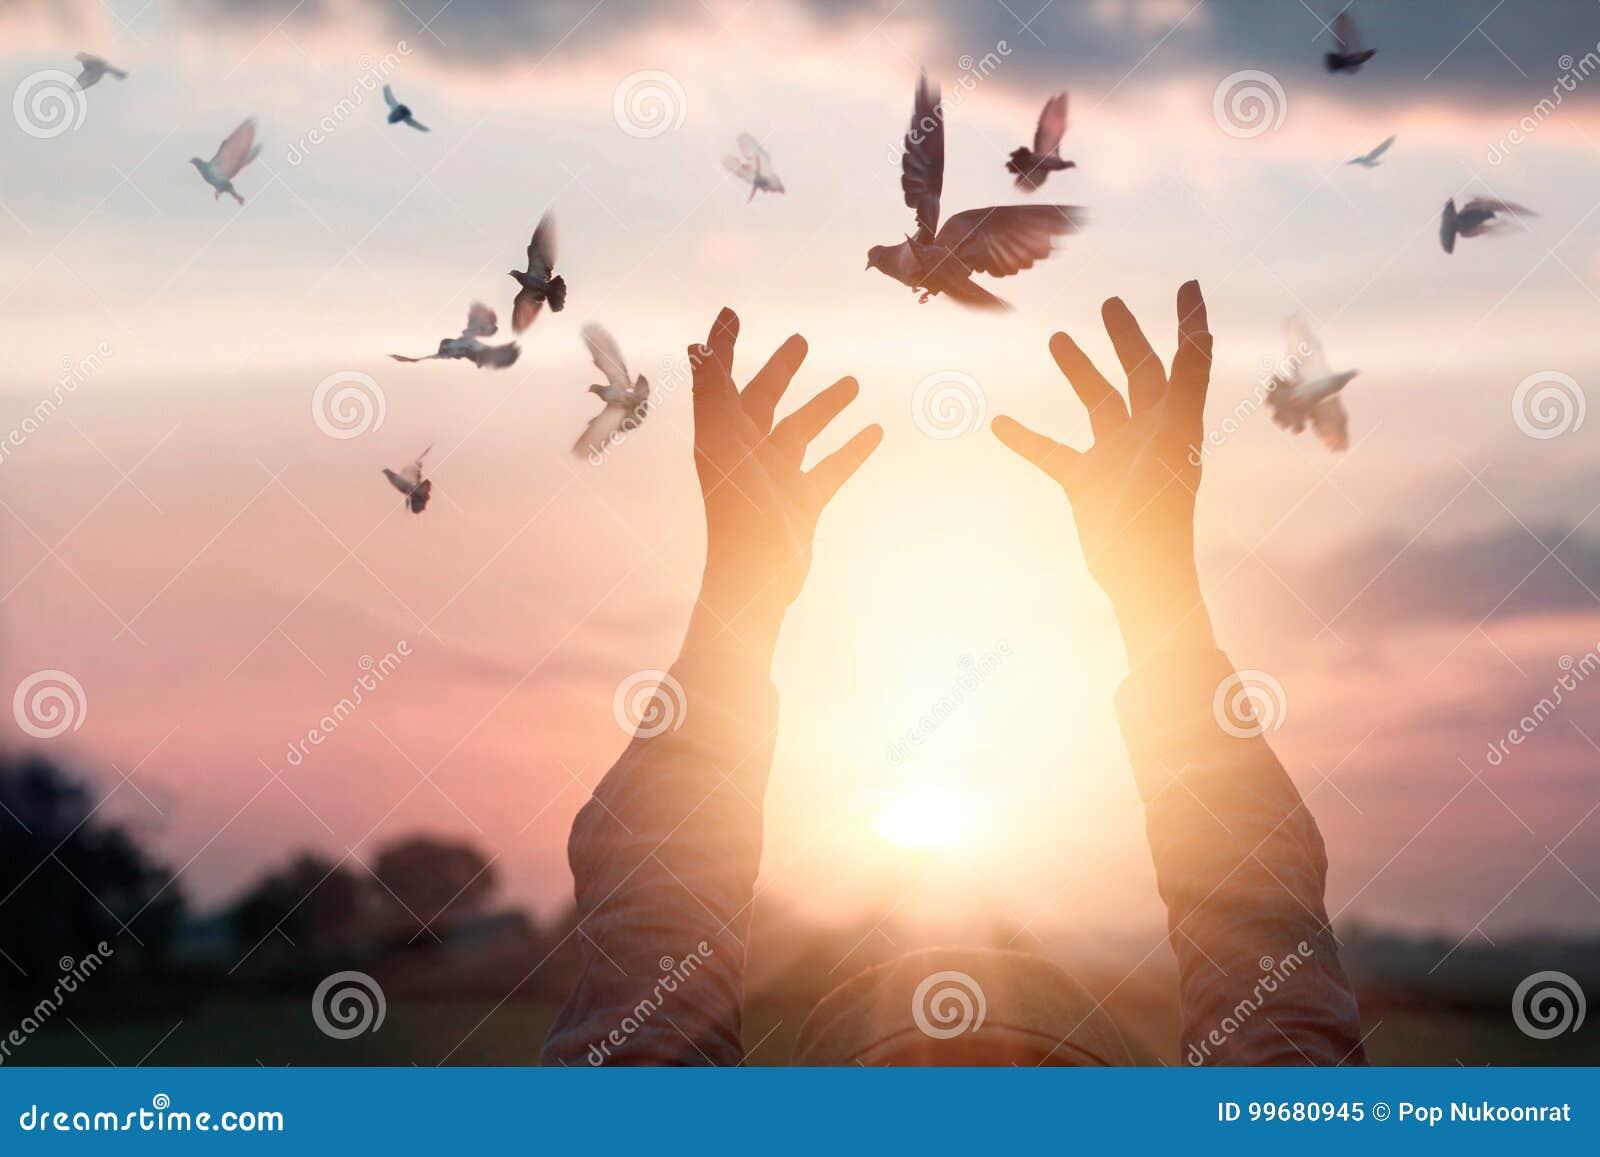 La femme priant et libèrent les oiseaux à la nature sur le fond de coucher du soleil